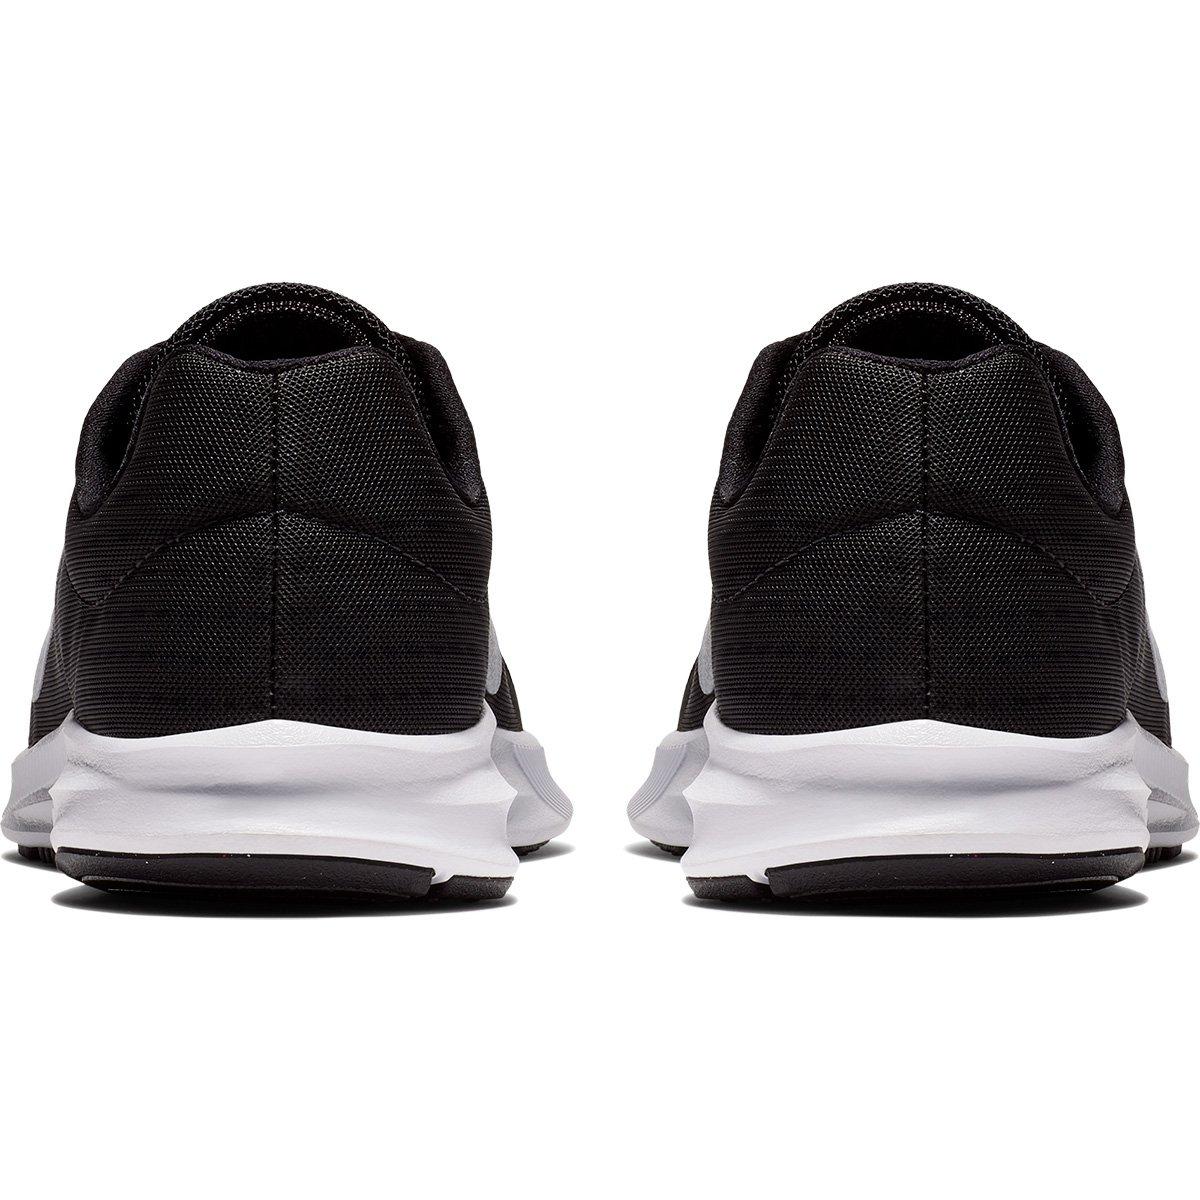 7c69b686db ... Tênis Nike Wmns Downshifter 8 Feminino - Preto e Branco - Compre .